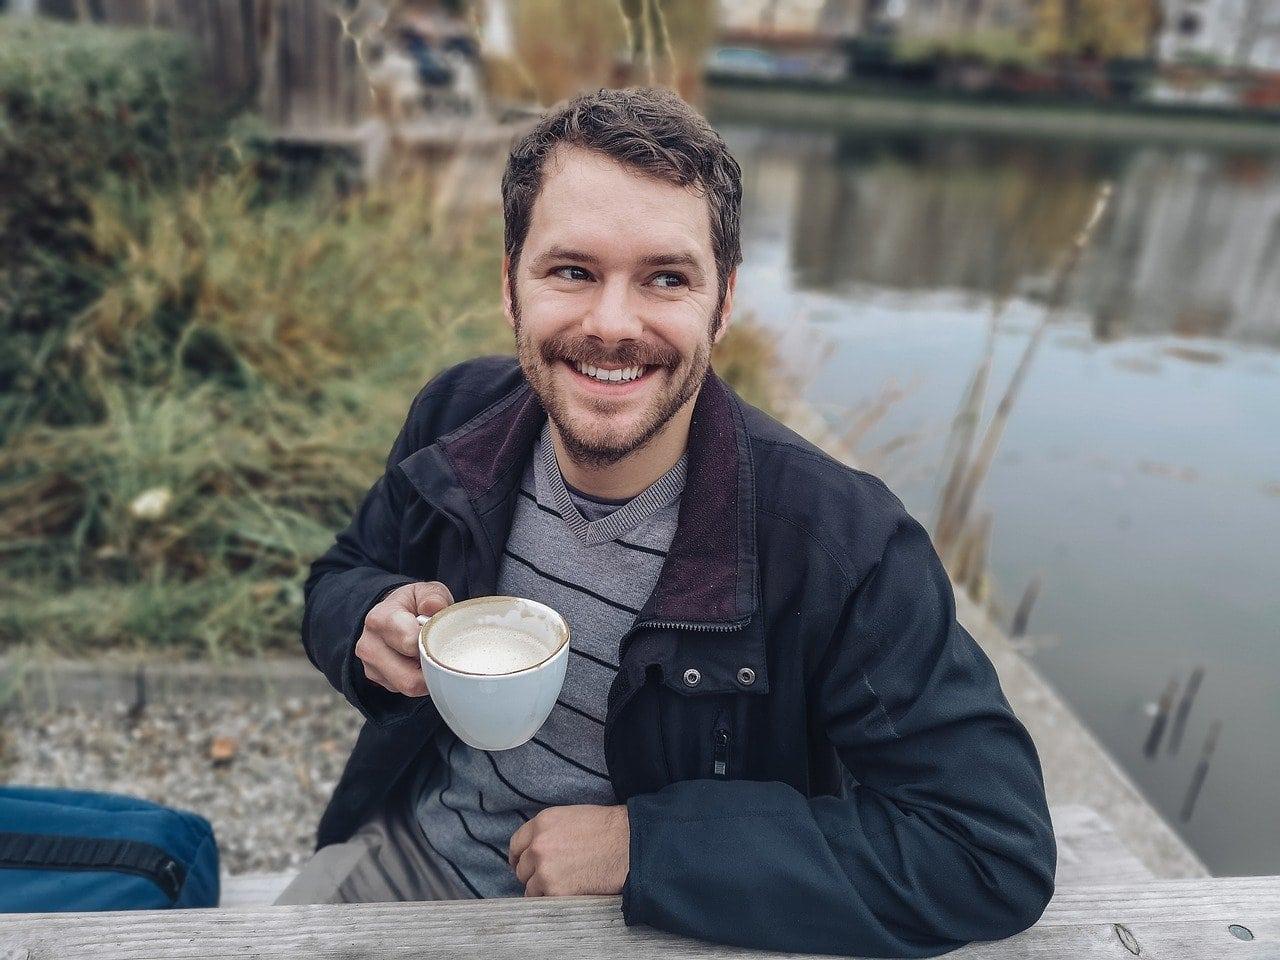 مردی که از یک فنجان قهوه لذت می برد